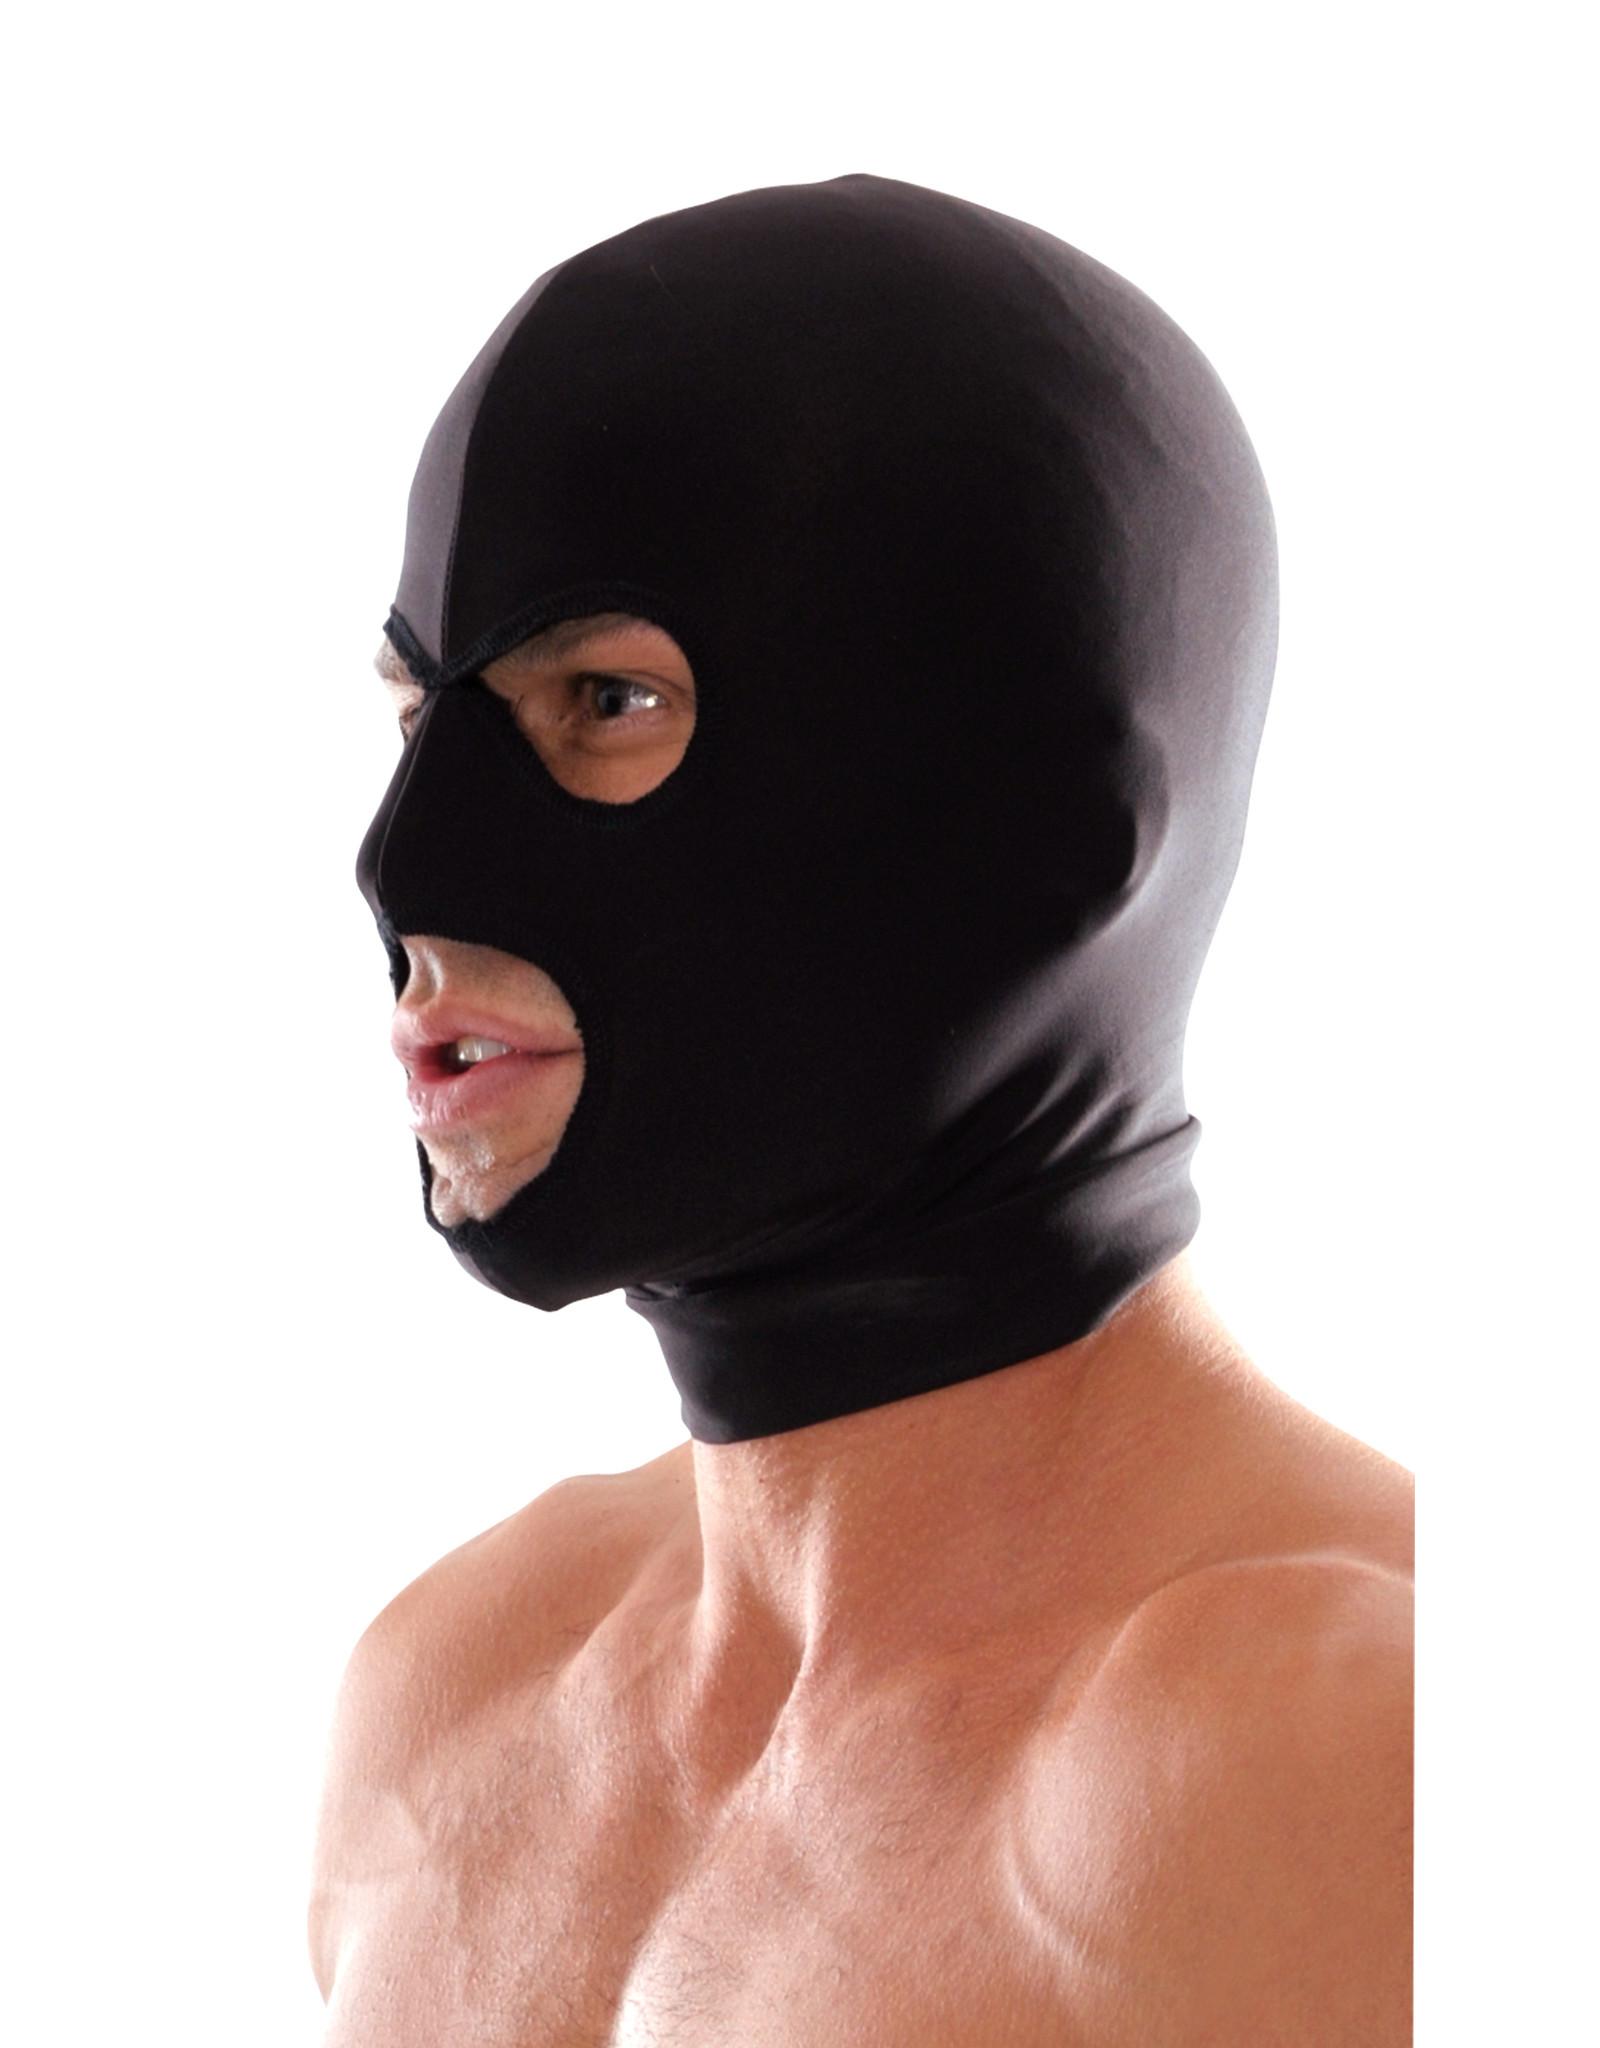 Fetish Fantasy - Spandex 3 Hole Maske